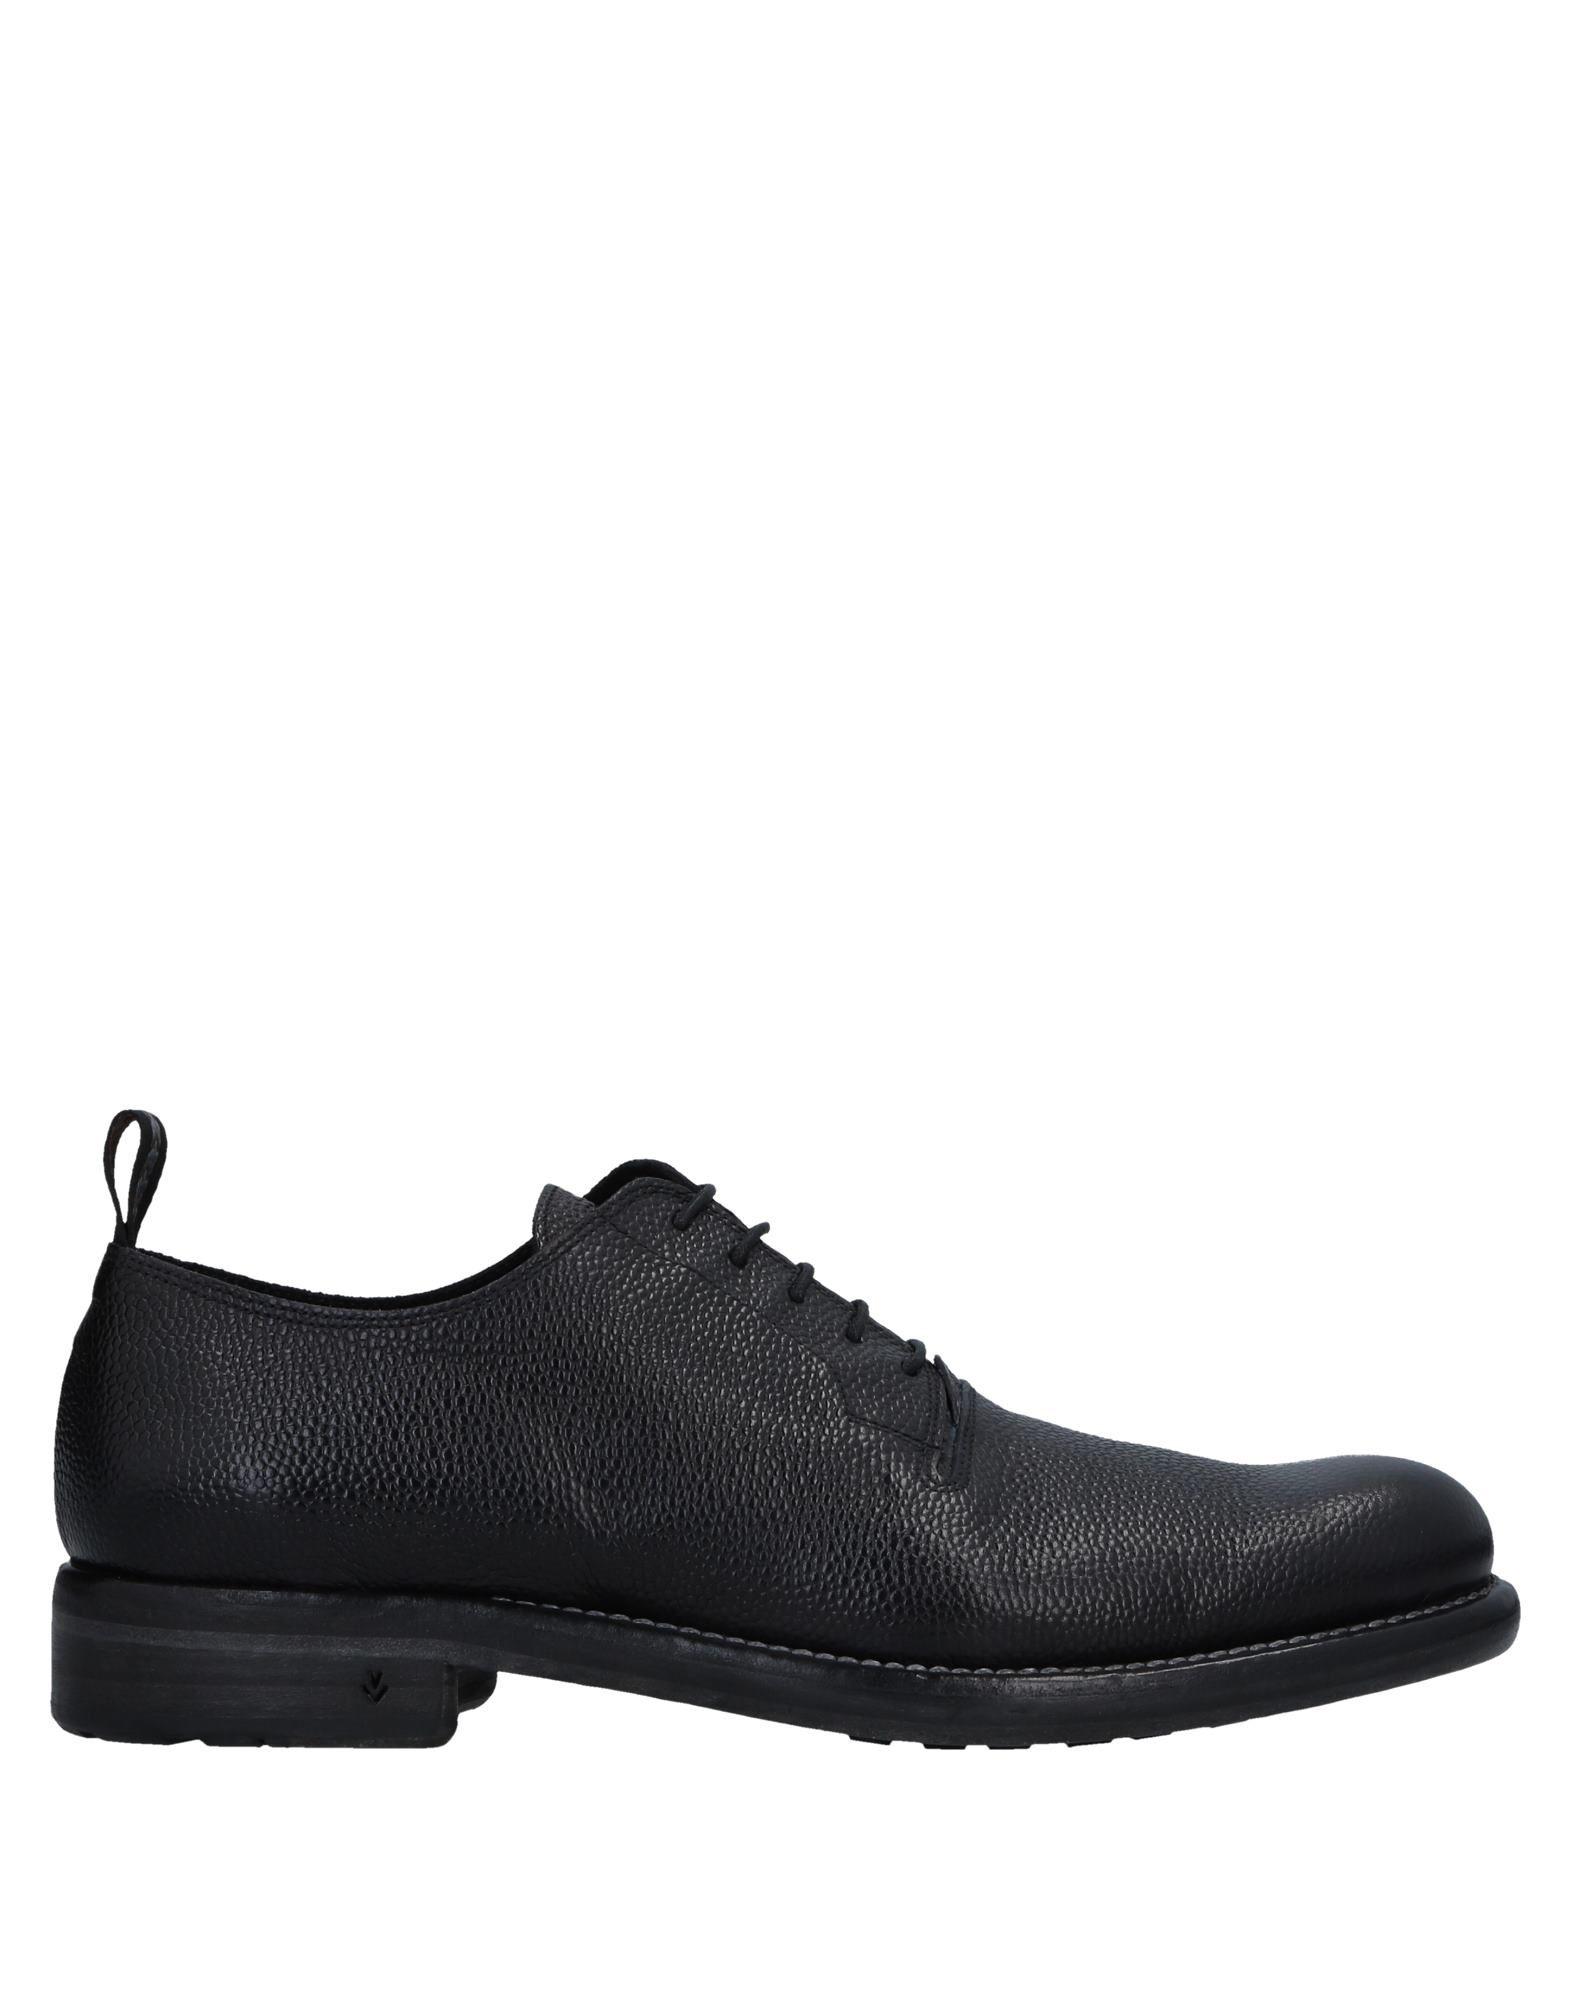 John Varvatos Schnürschuhe Herren  11535842PT Gute Qualität beliebte Schuhe